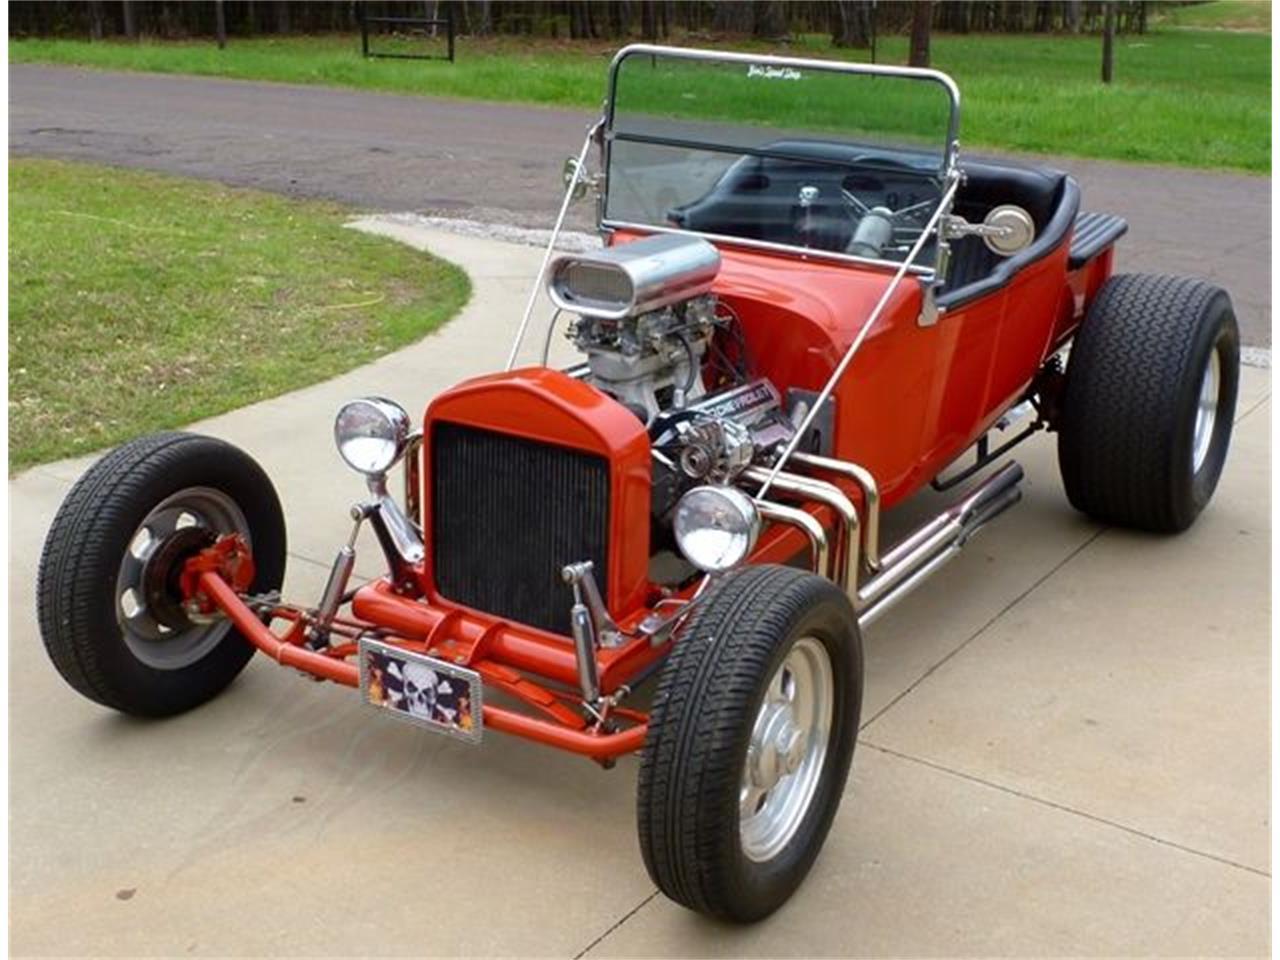 Cars For Sale In Arlington Texas On Craigslist